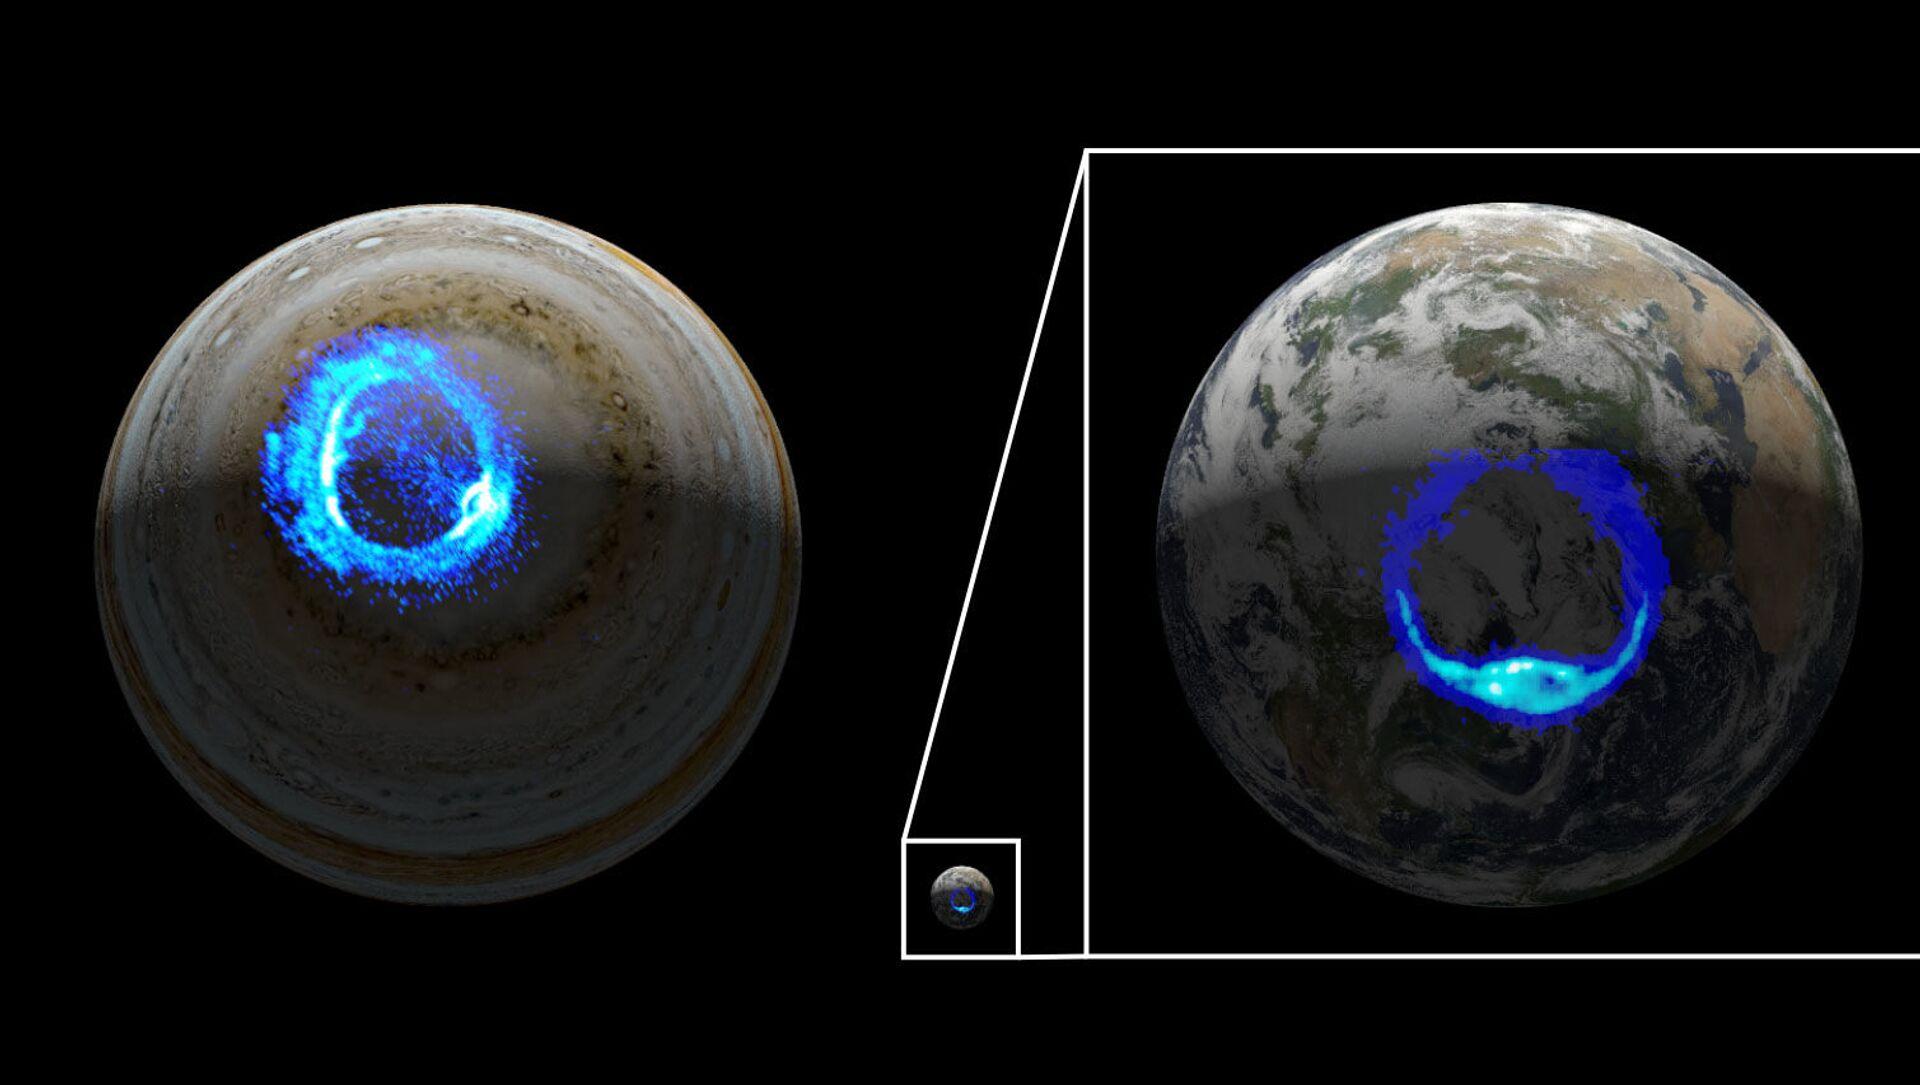 木星ではじめてオーロラの発生を確認【動画】 - Sputnik 日本, 1920, 17.03.2021